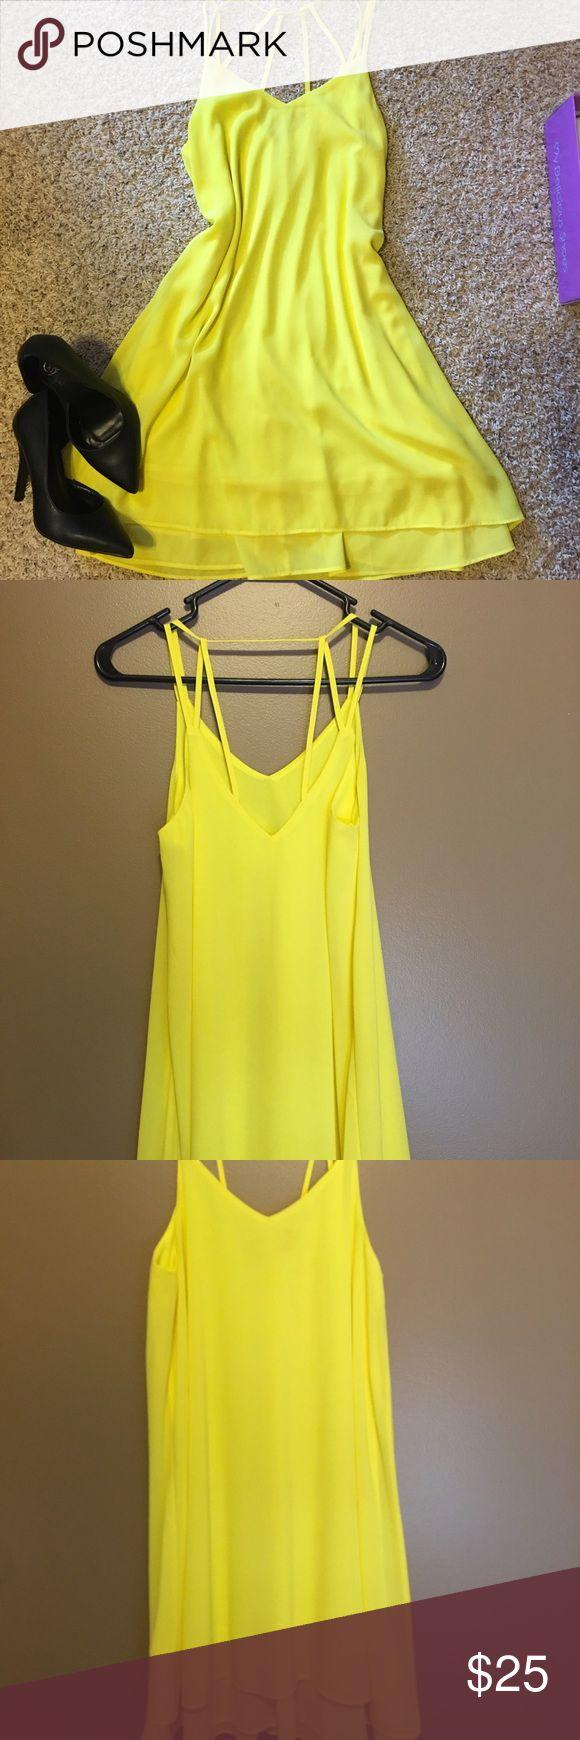 yellow dress size 5 zebra